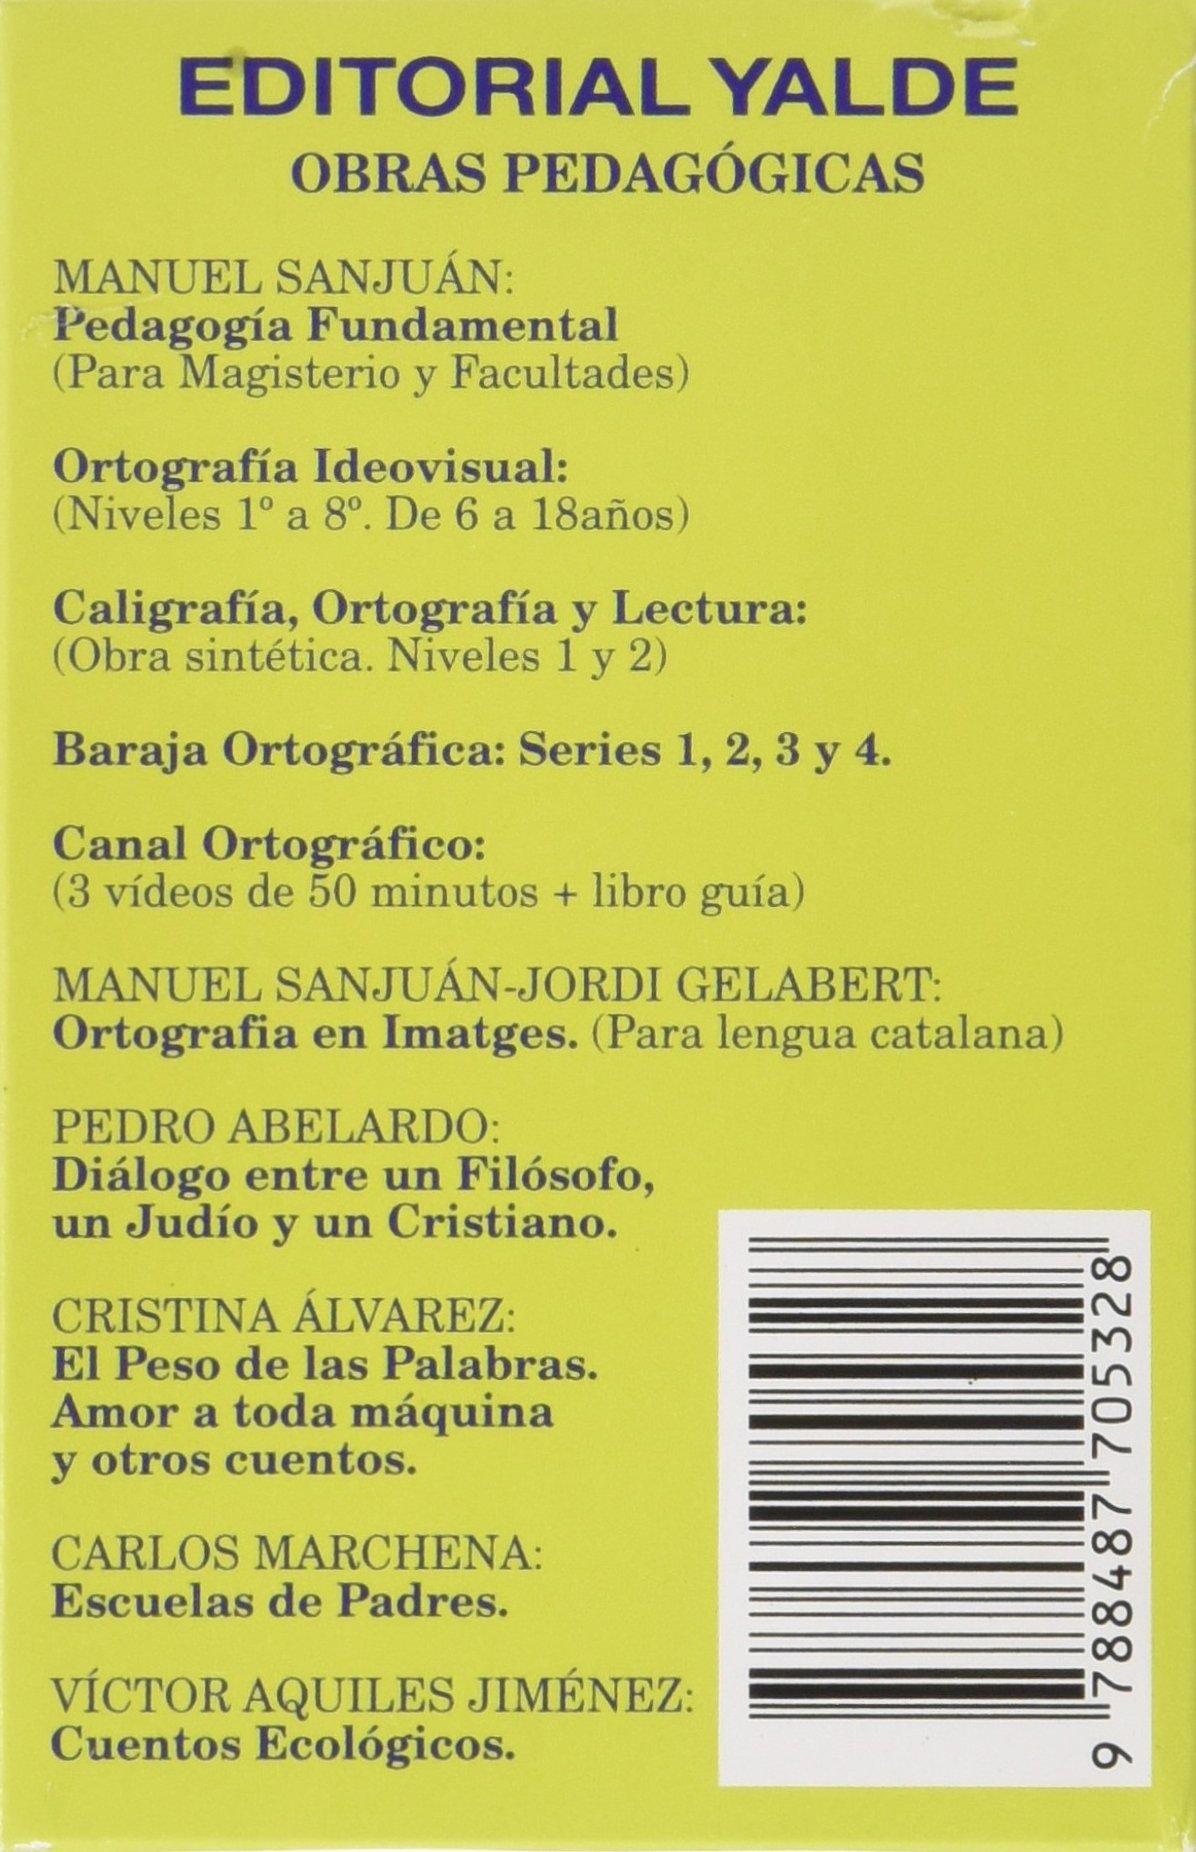 Baraja ortografica 2 (5-12 años): Amazon.es: Manuel Sanjuan Najera: Libros